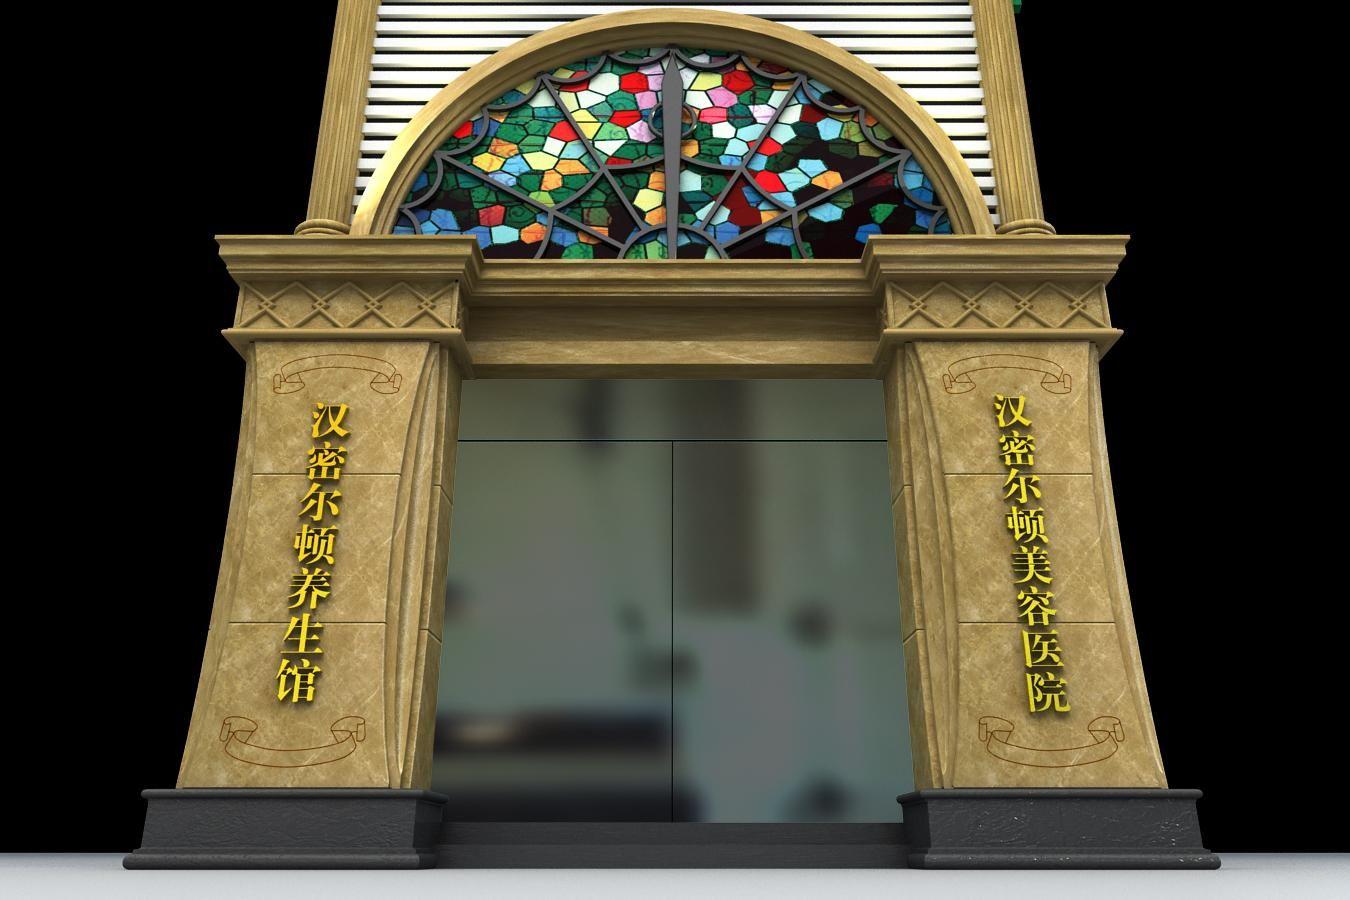 汉密尔顿美容医院门头 03案例图片 设计师tsh 121设计工作高清图片